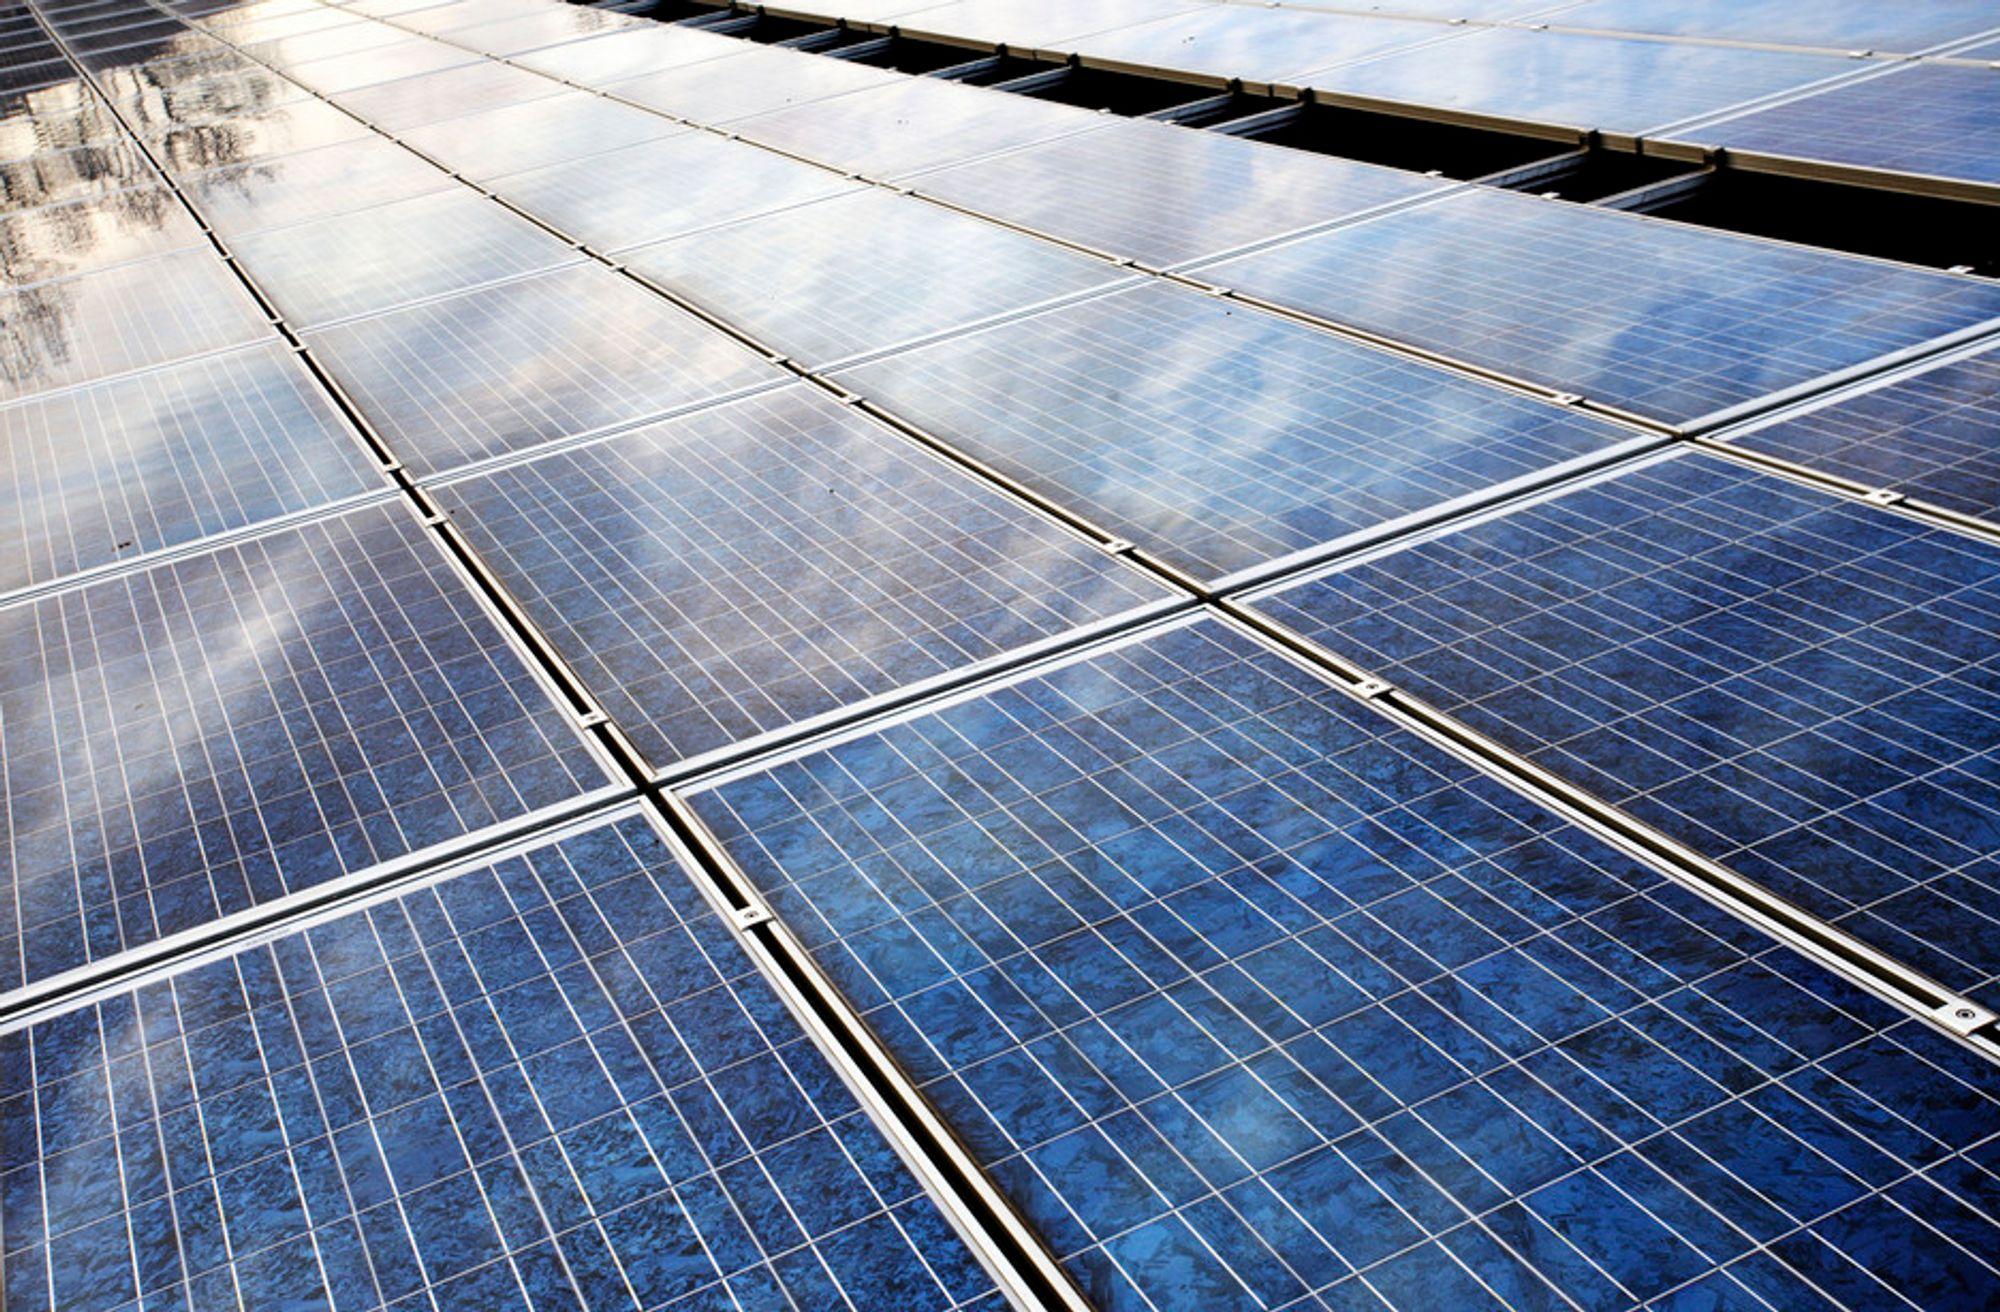 KUTT: Fra 1. juni i år vil selskapet redusere produksjonen ved de eldste wafer-anleggene på Herøya og ved solcelleanlegget i Narvik.